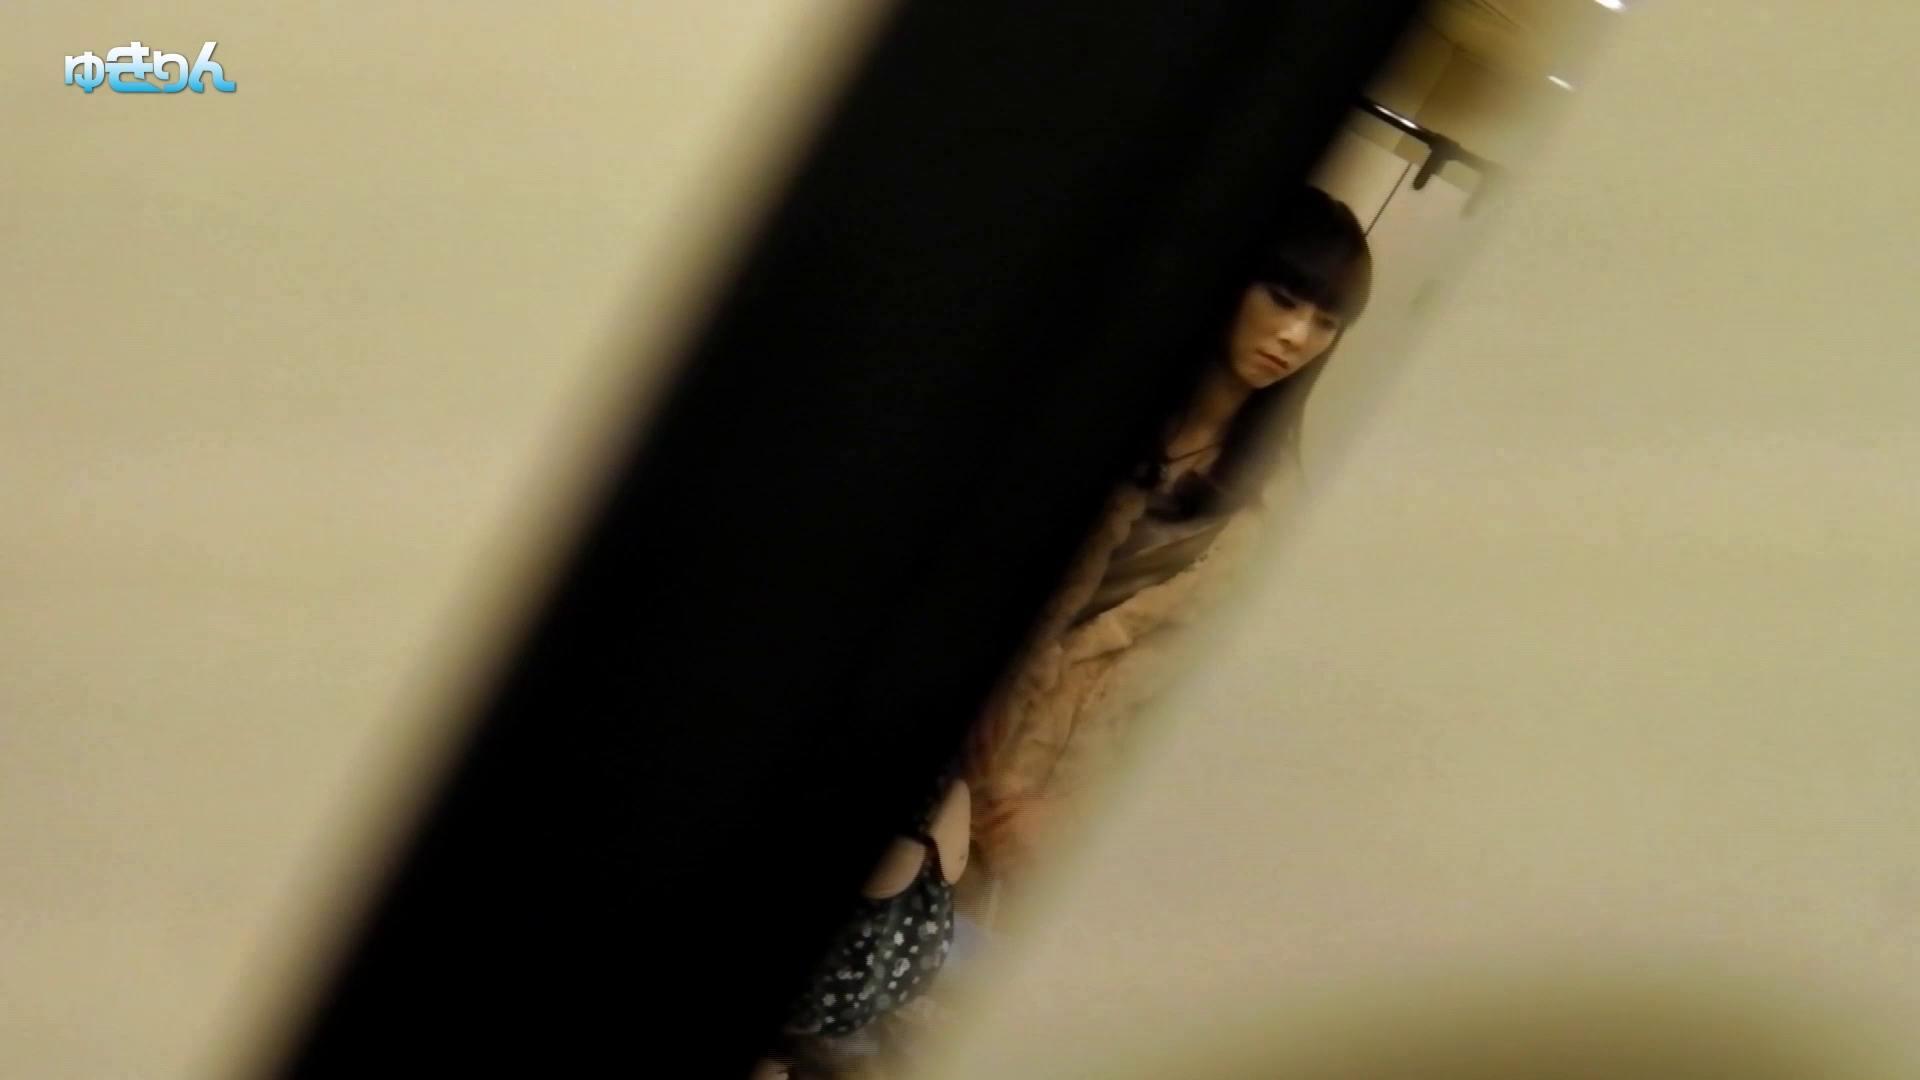 新世界の射窓 No82 新たな場所への挑戦、思わぬ、美女が隣に入ってくれた。 洗面所  78pic 59